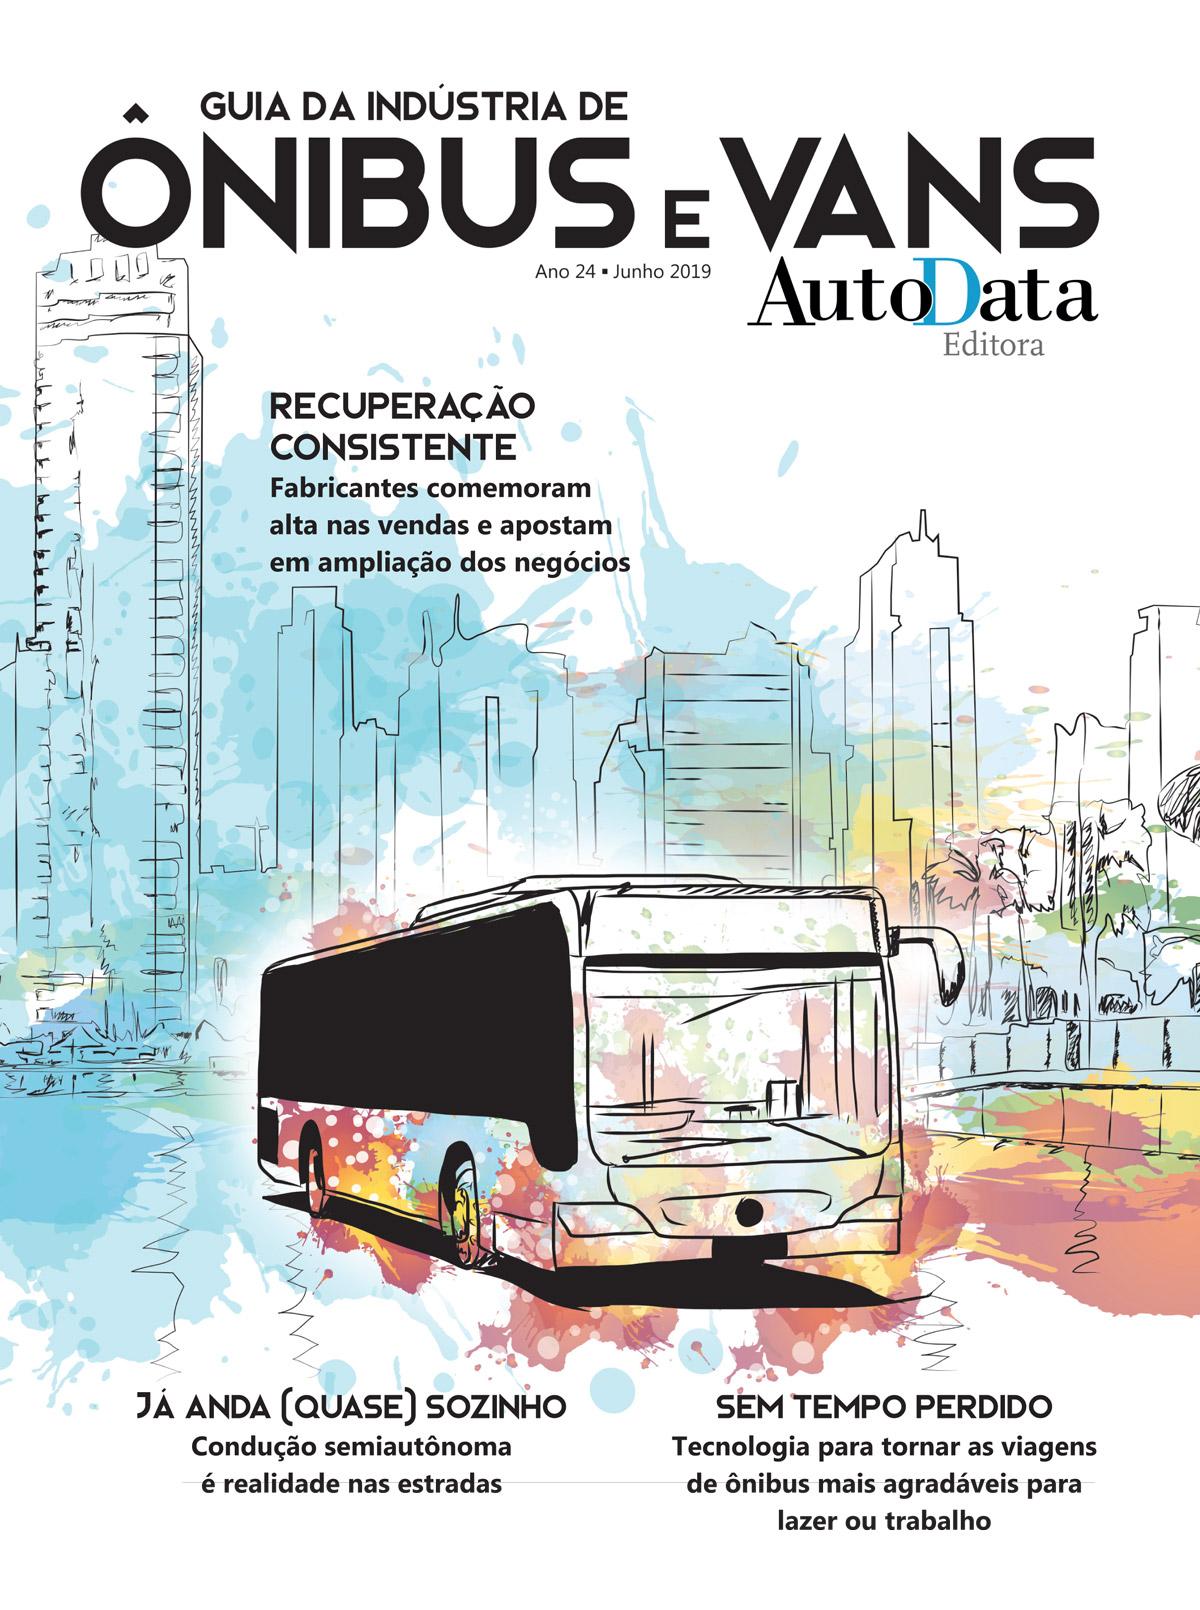 Guia de Ônibus e Vans